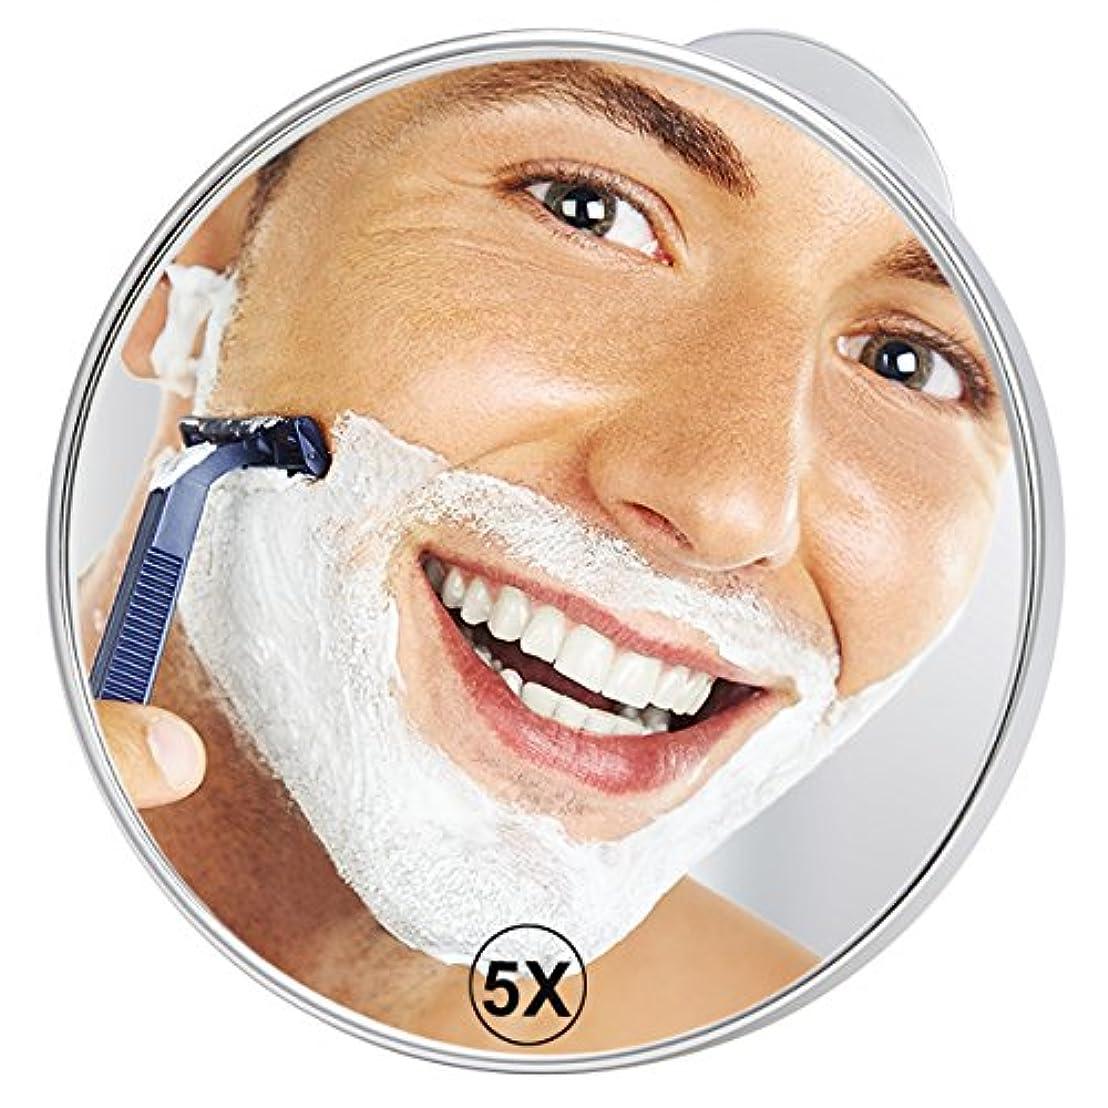 頭蓋骨コントラストぬいぐるみ21cm 浴室鏡 鏡 壁掛け 浴室用化粧鏡 5倍拡大鏡 シャワーミラー 強力吸盤付、き シミ、しわ、お肌のお手入れをチェックできて、髭剃り